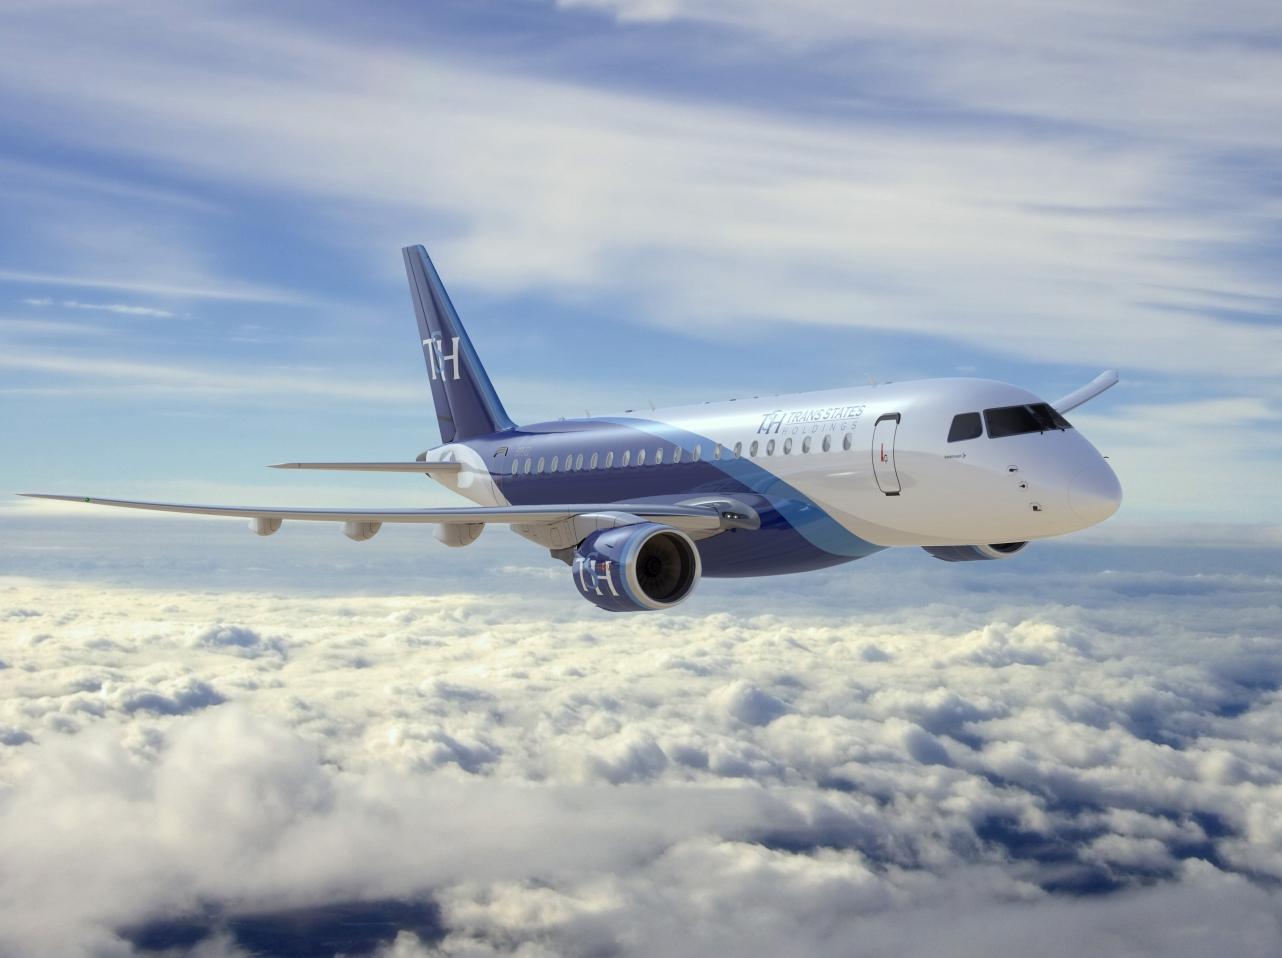 Embraer recule l'entrée en service de l'E175-E2 d'un an